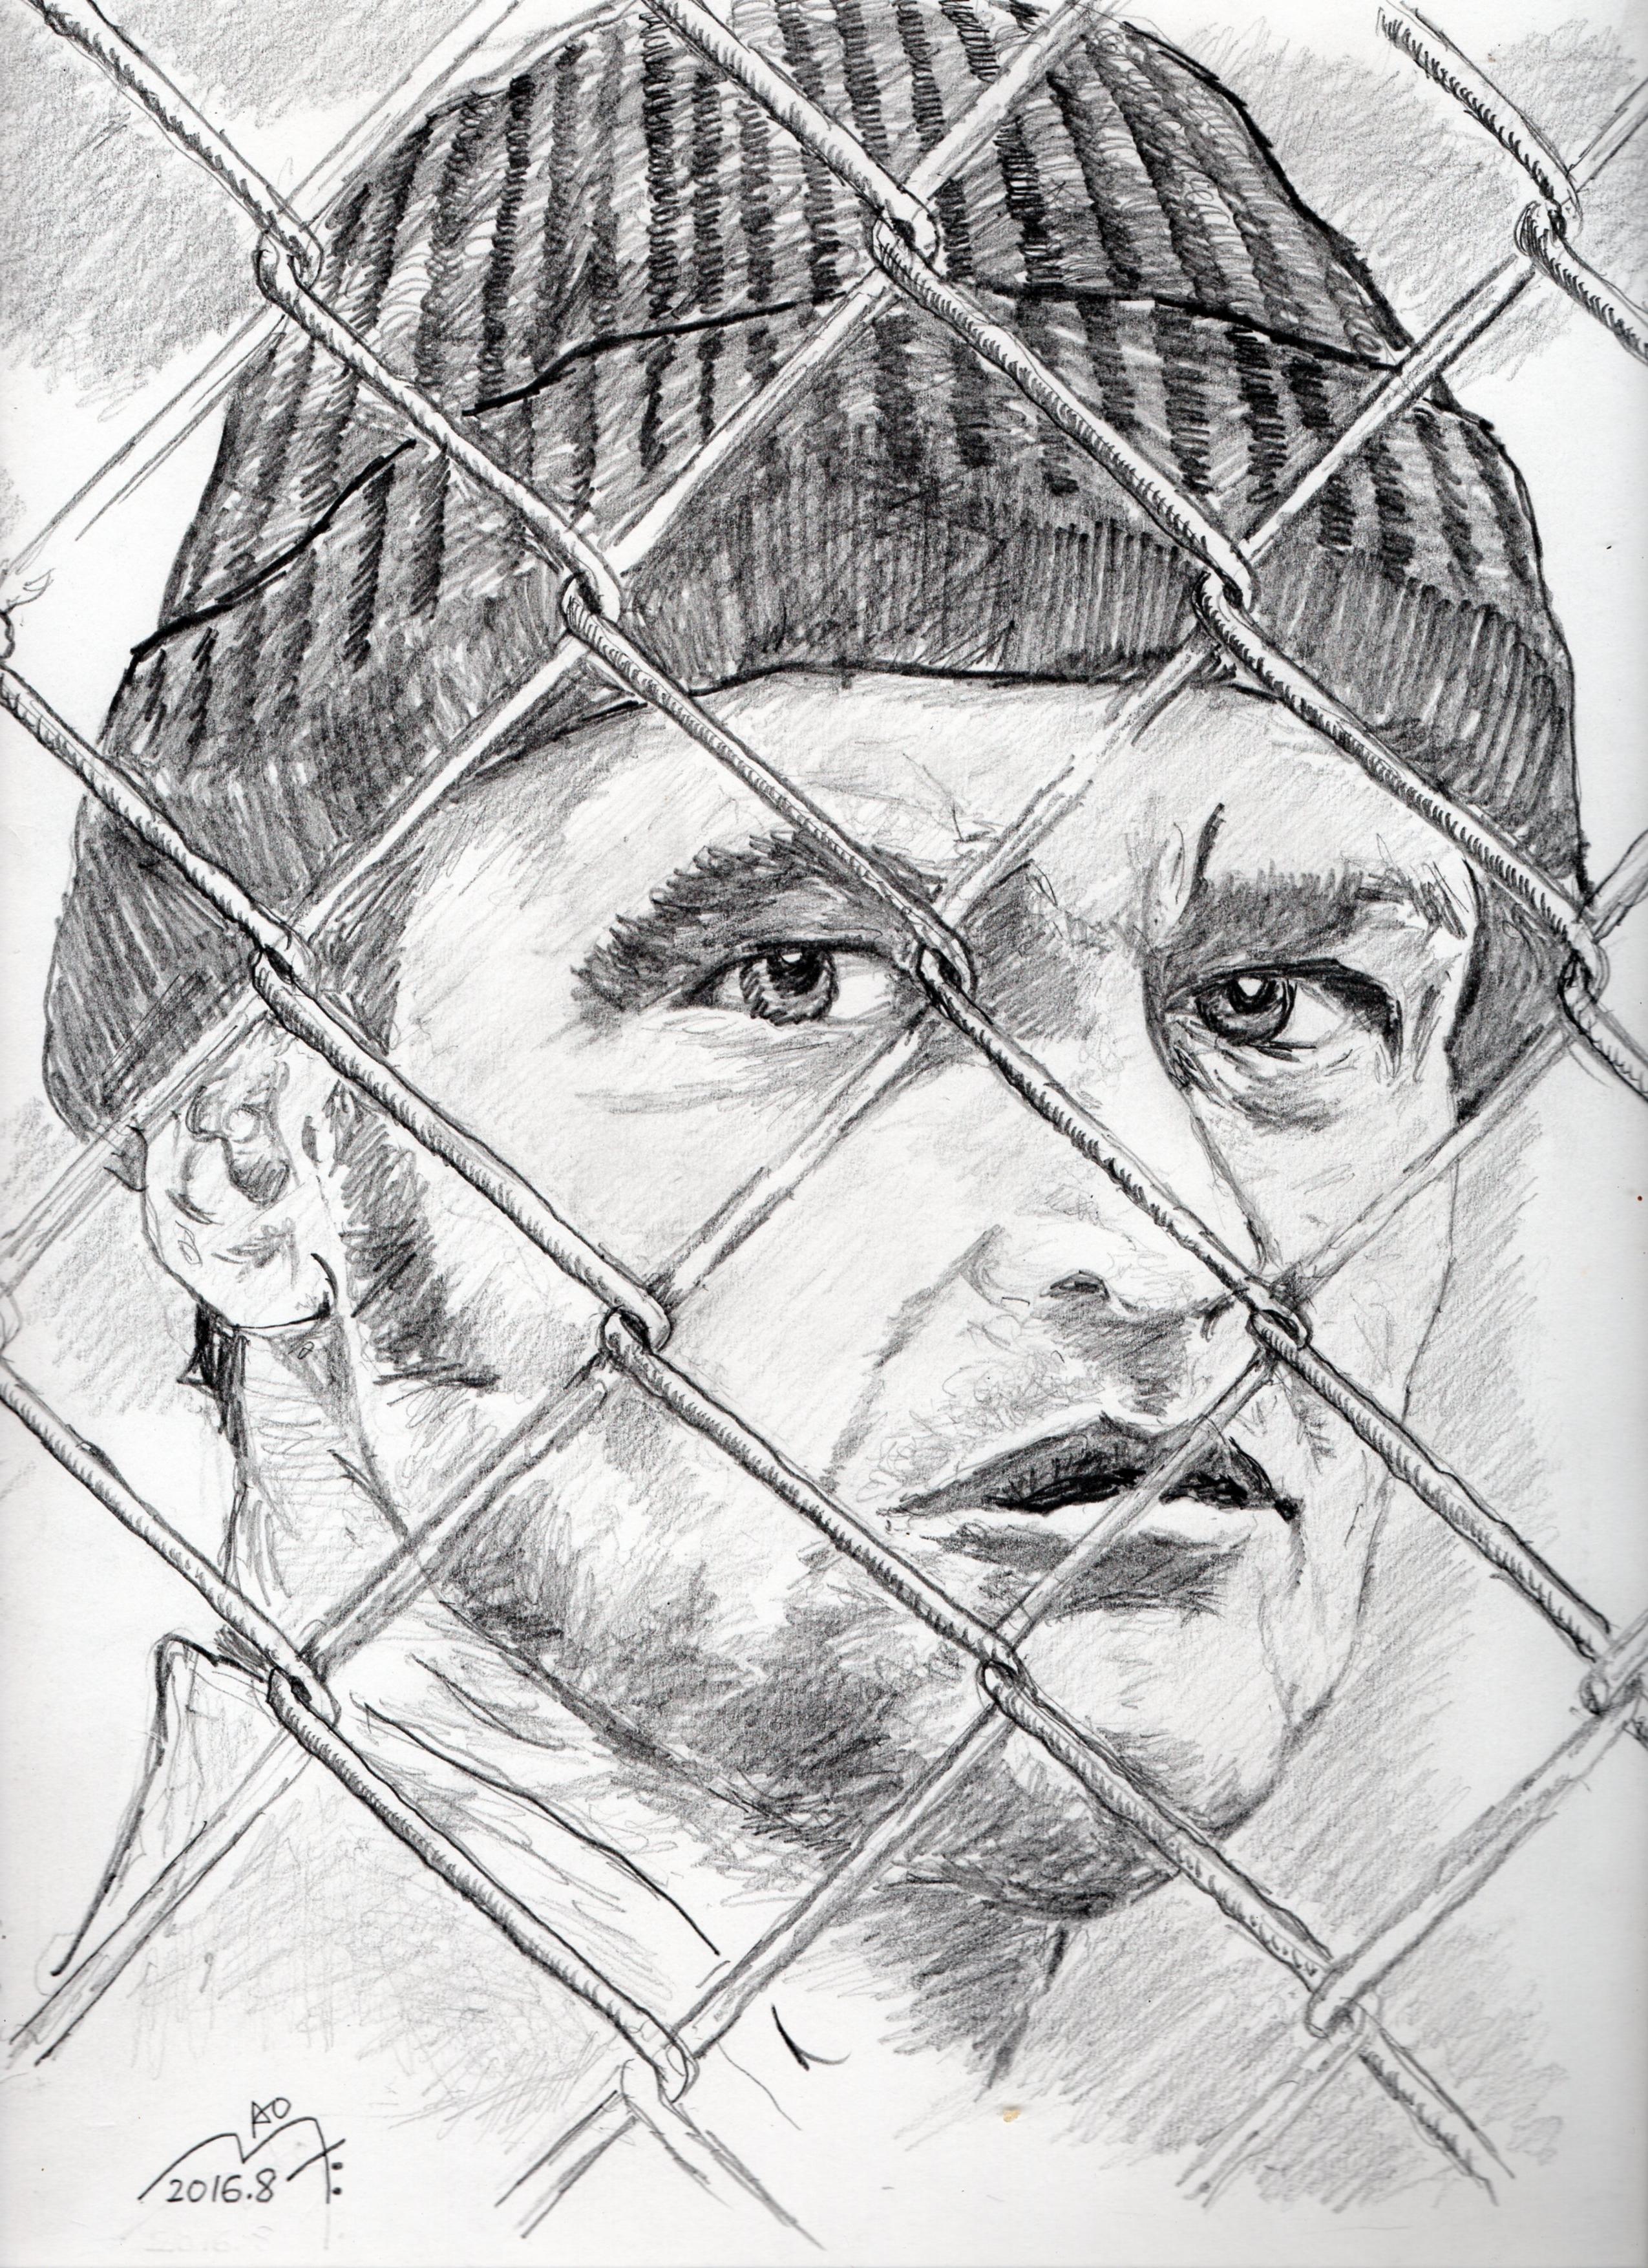 『カッコーの巣の上で』ジャック・ニコルソンの鉛筆画似顔絵